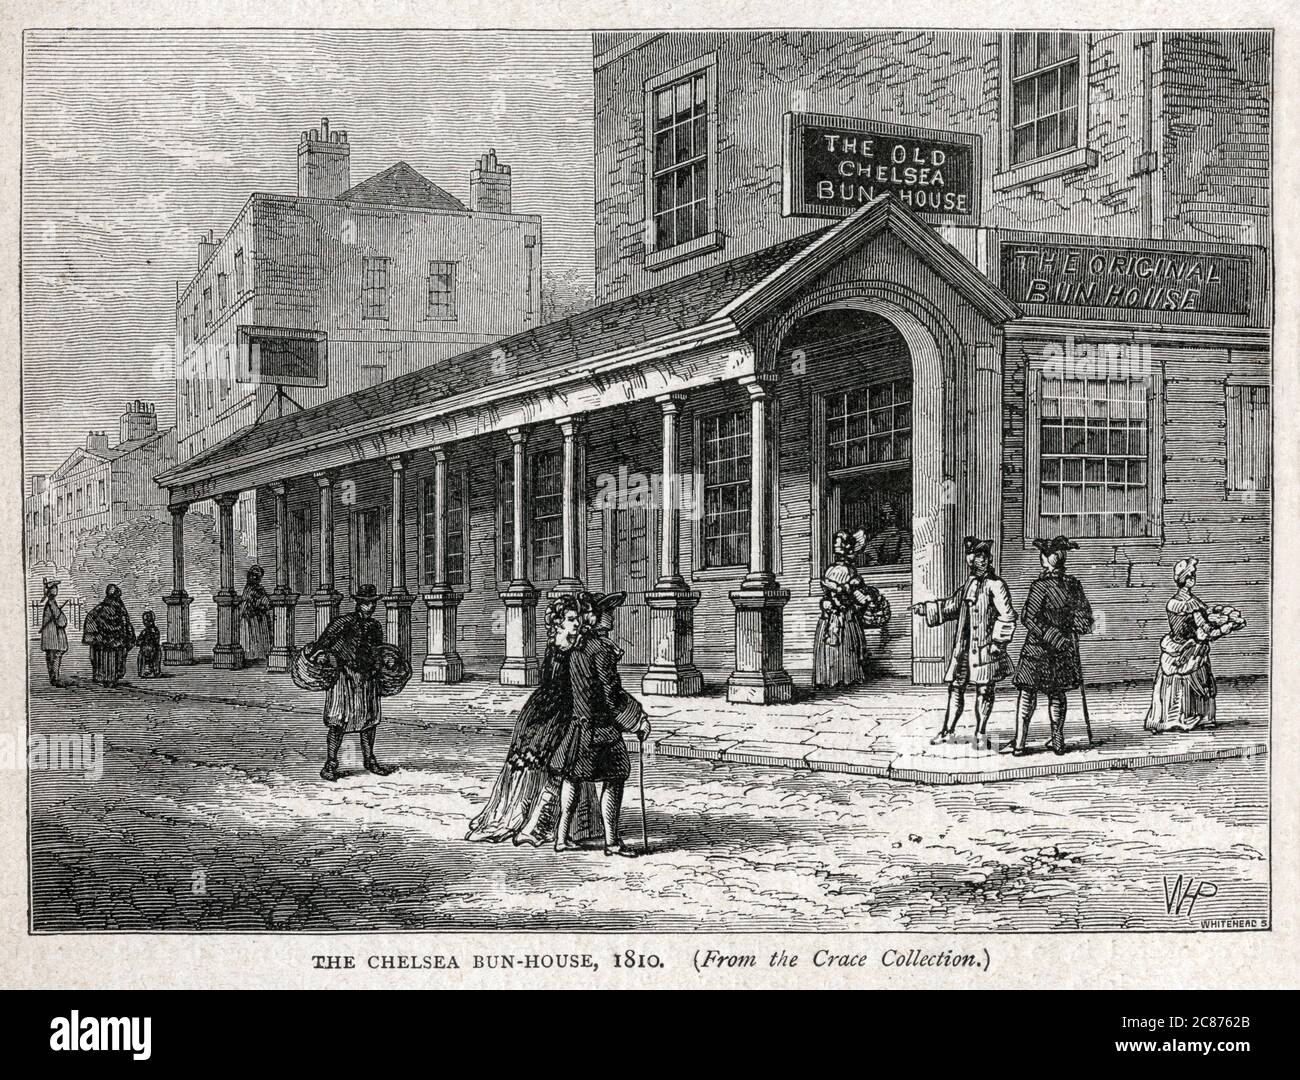 The Chelsea Bun House en 1810, auteur du Chelsea Bun et condescendant par la royauté hanobienne, Kings George II et III Le magasin était sur la route principale de Pimlico à Chelsea. Date: 1810 Banque D'Images